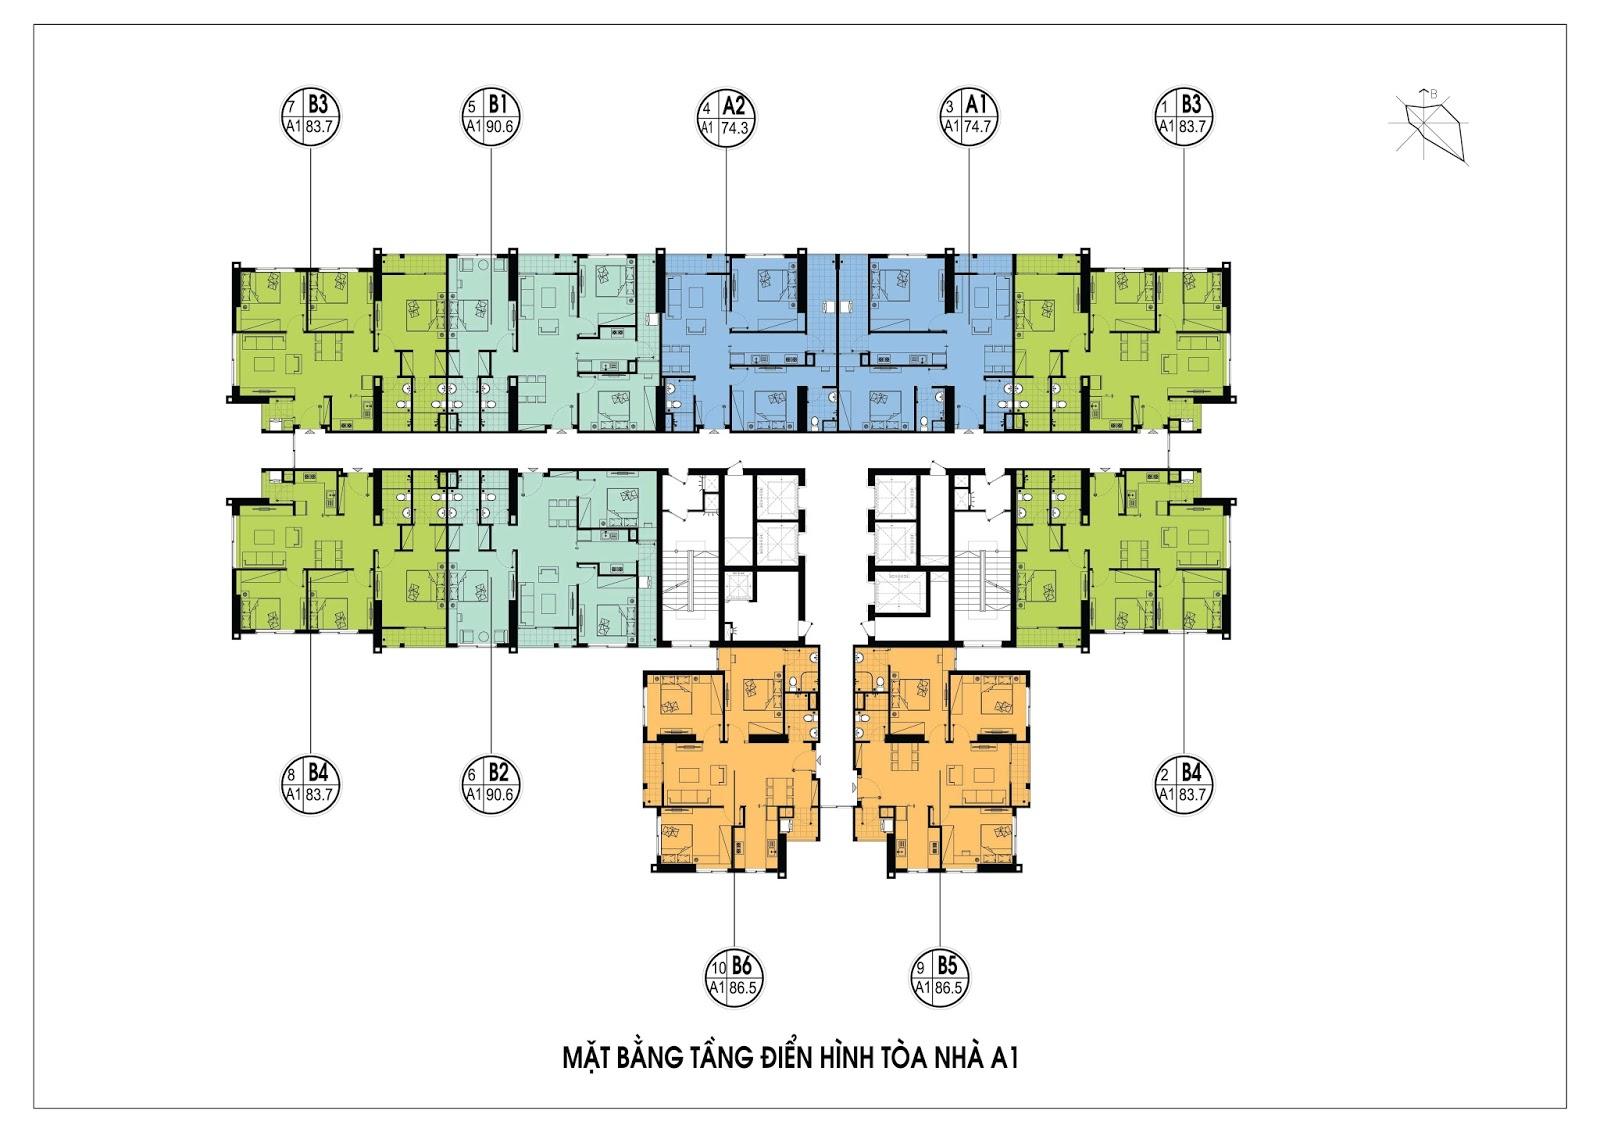 Mặt bằng điển hình tòa A1 - Chung cư An Bình City